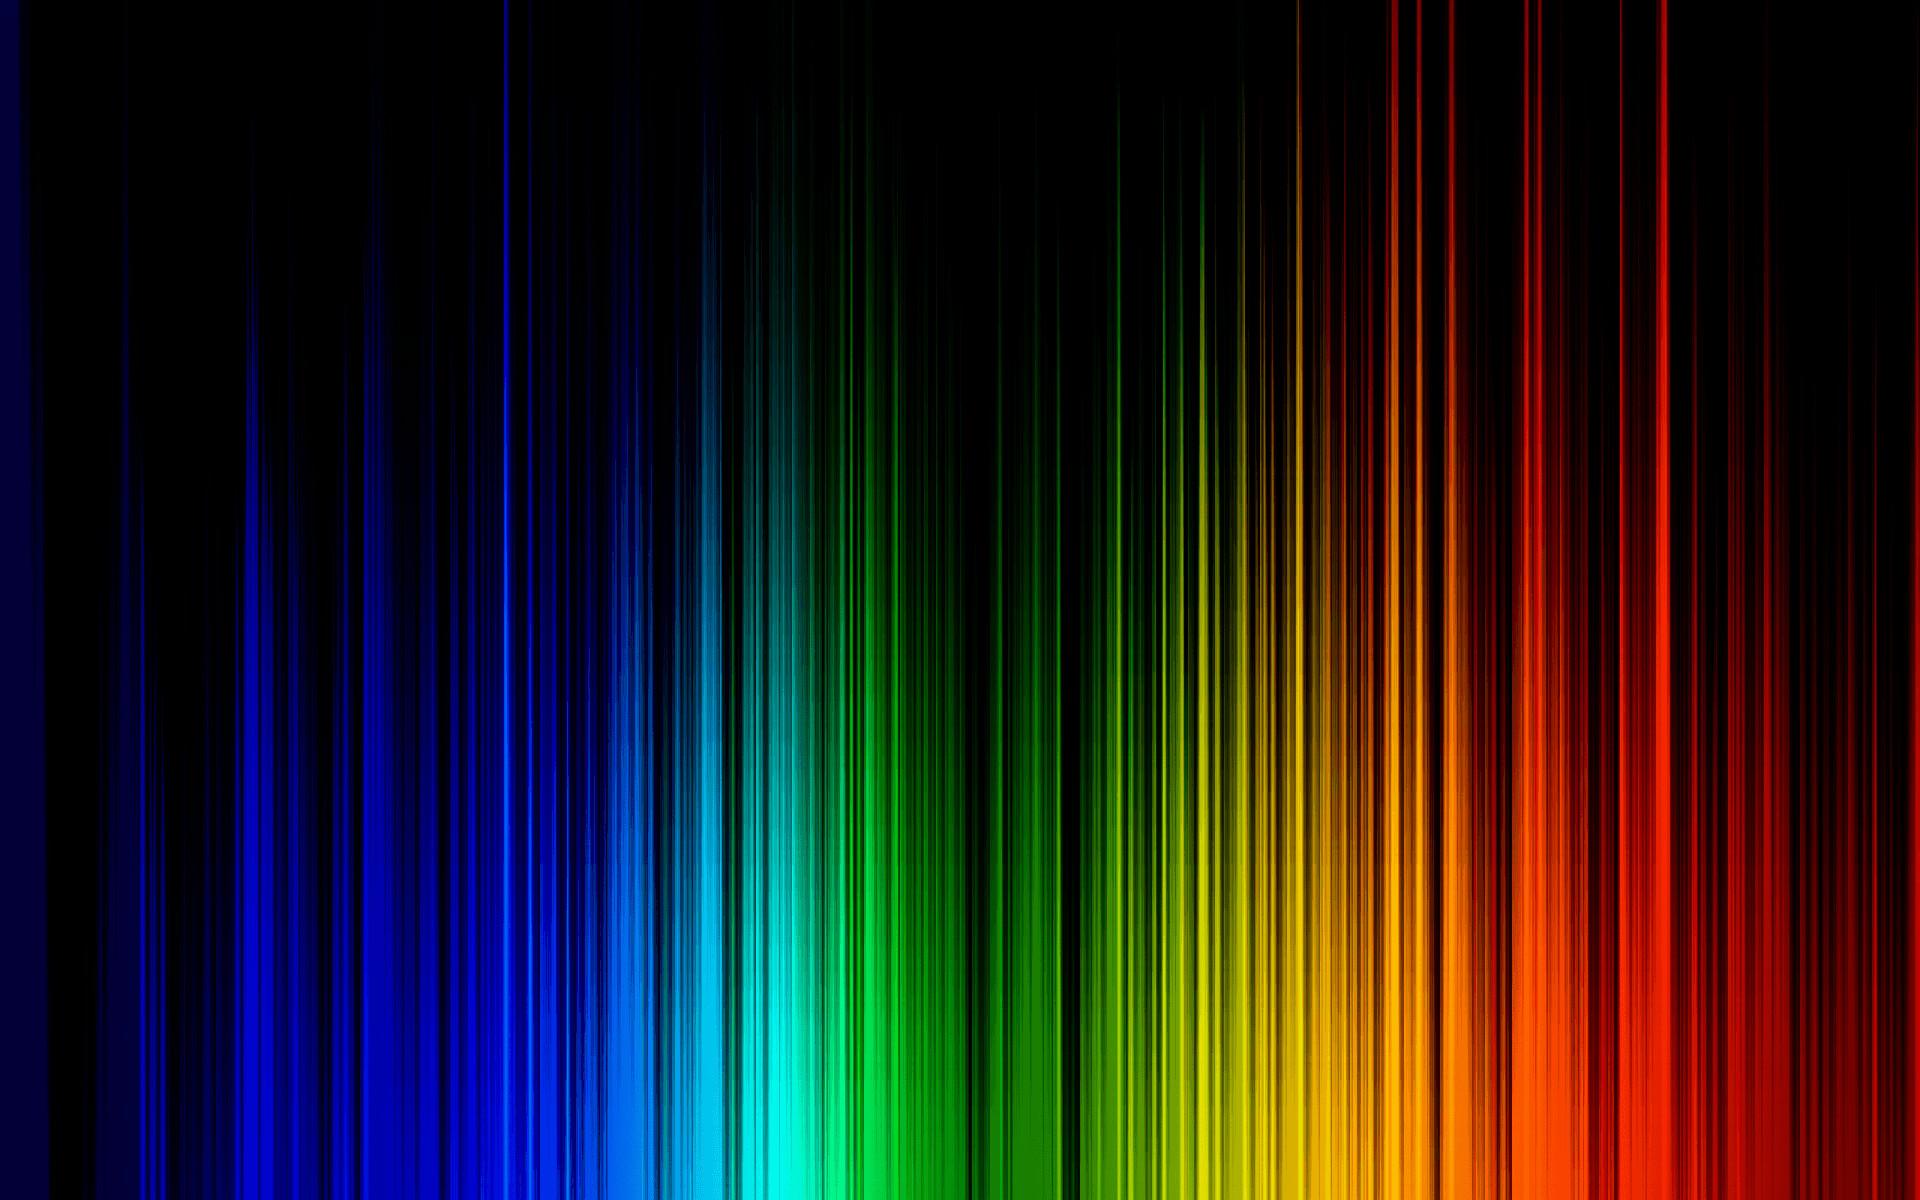 Neon Colors Background HD Wallpaper – Beraplan.